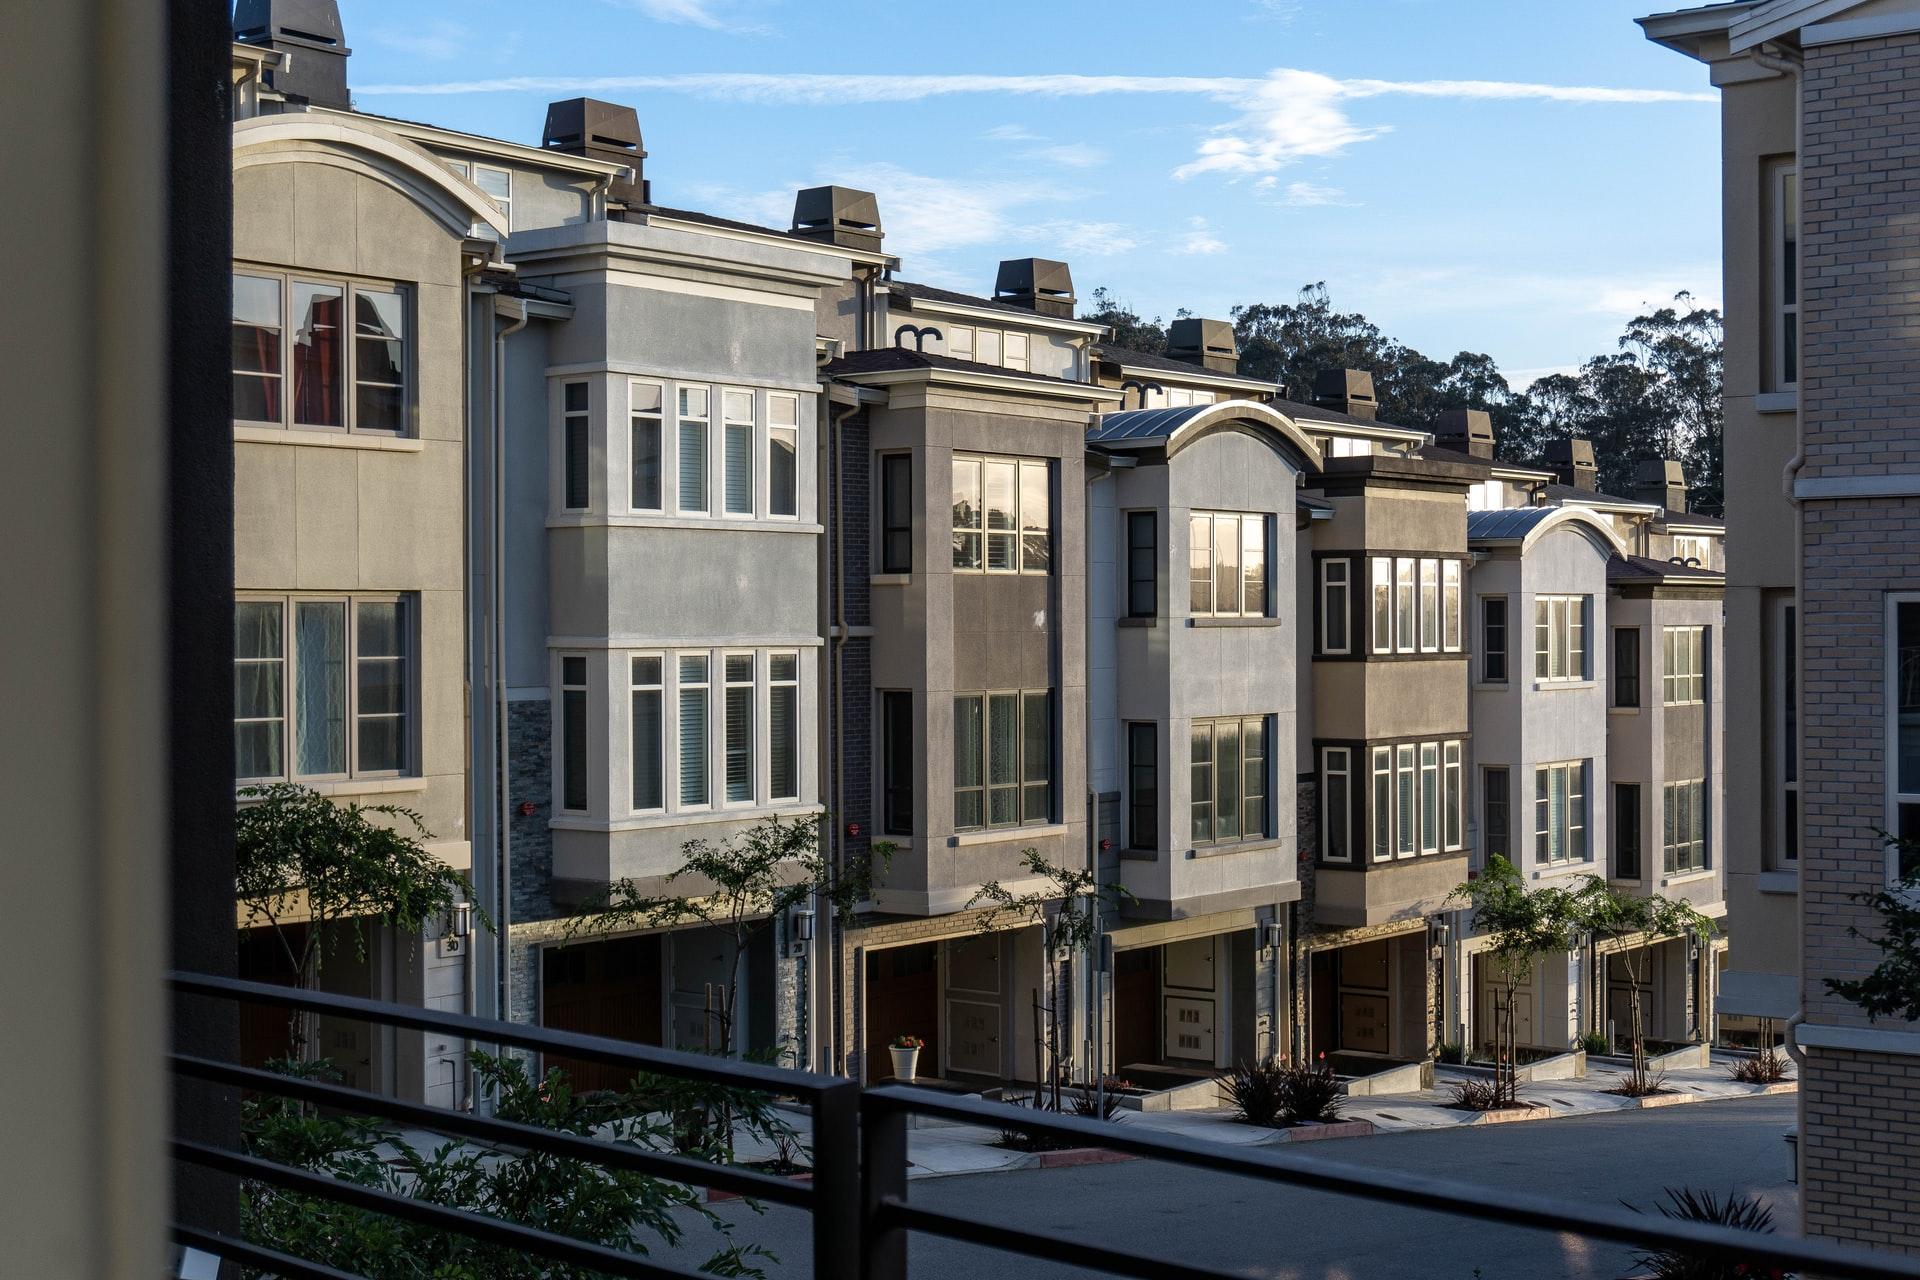 硅谷抢房战:为买一套120万美元的别墅,购房者扎帐篷排队过夜